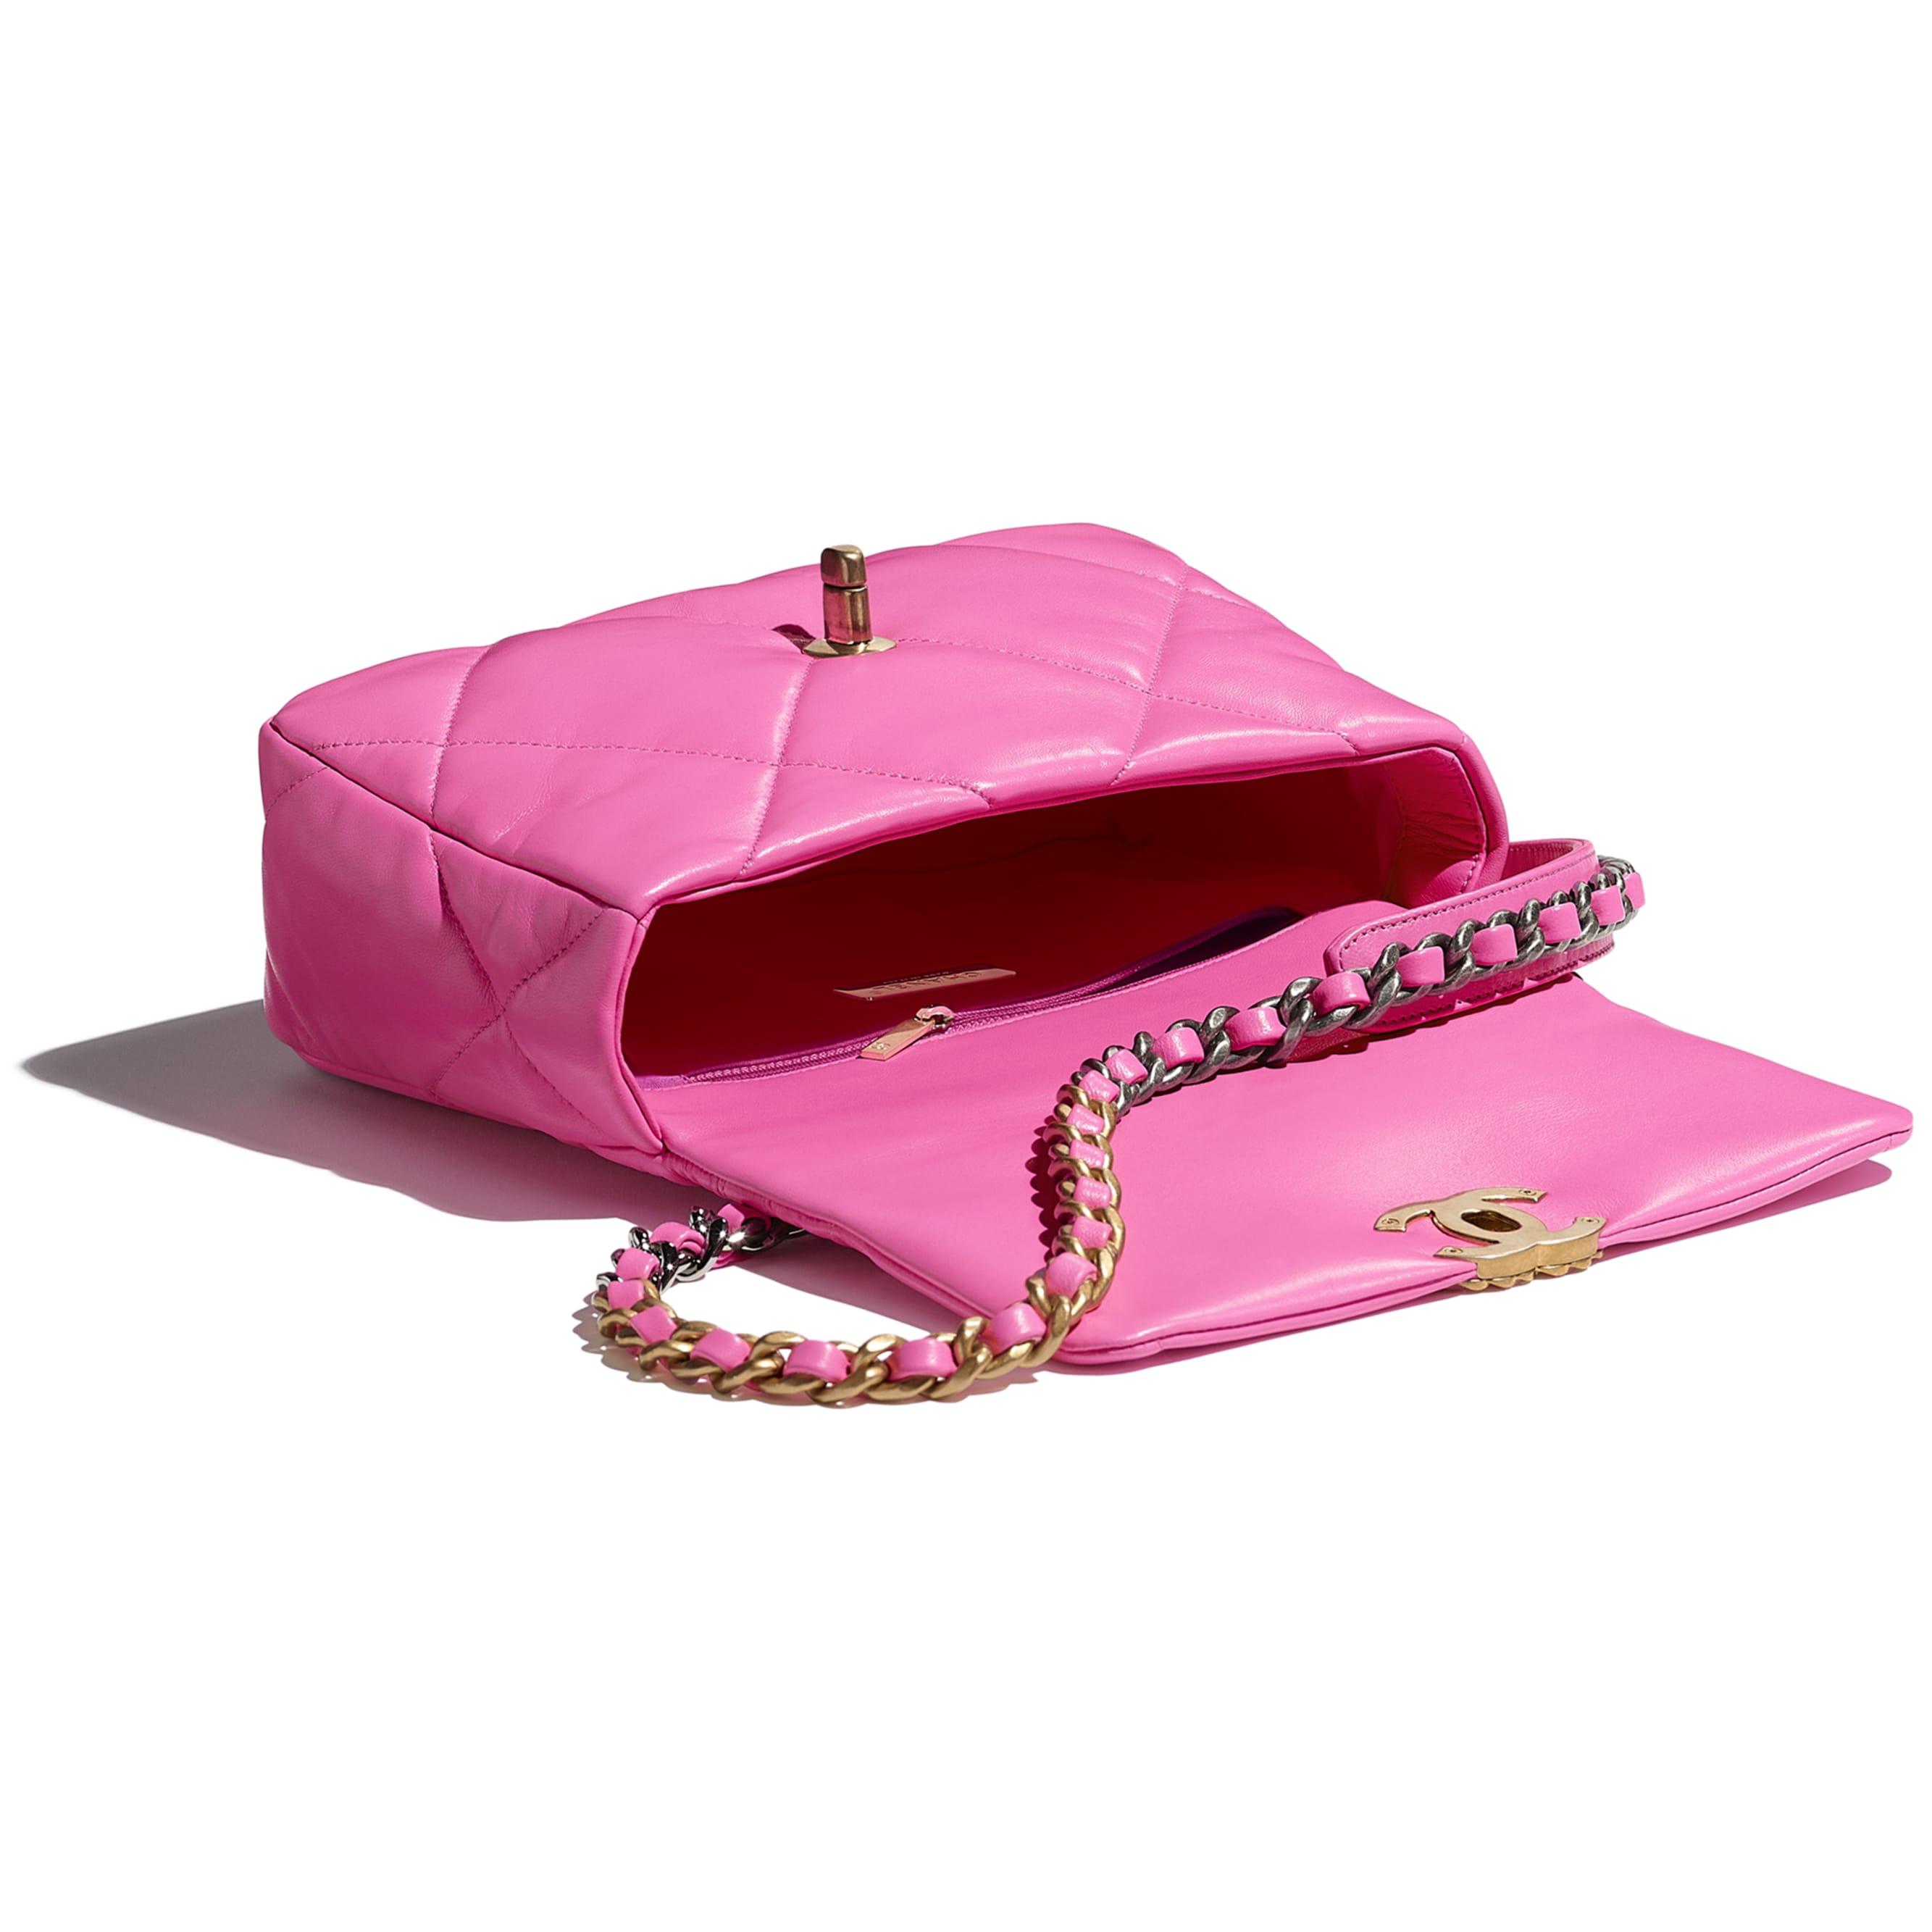 กระเป๋าถือ CHANEL 19 - สีชมพูนีออน - หนังแกะเคลือบเงา โลหะสีทอง โลหะสีเงิน และโลหะเคลือบรูทีเนียม - CHANEL - มุมมองอื่น - ดูเวอร์ชันขนาดมาตรฐาน